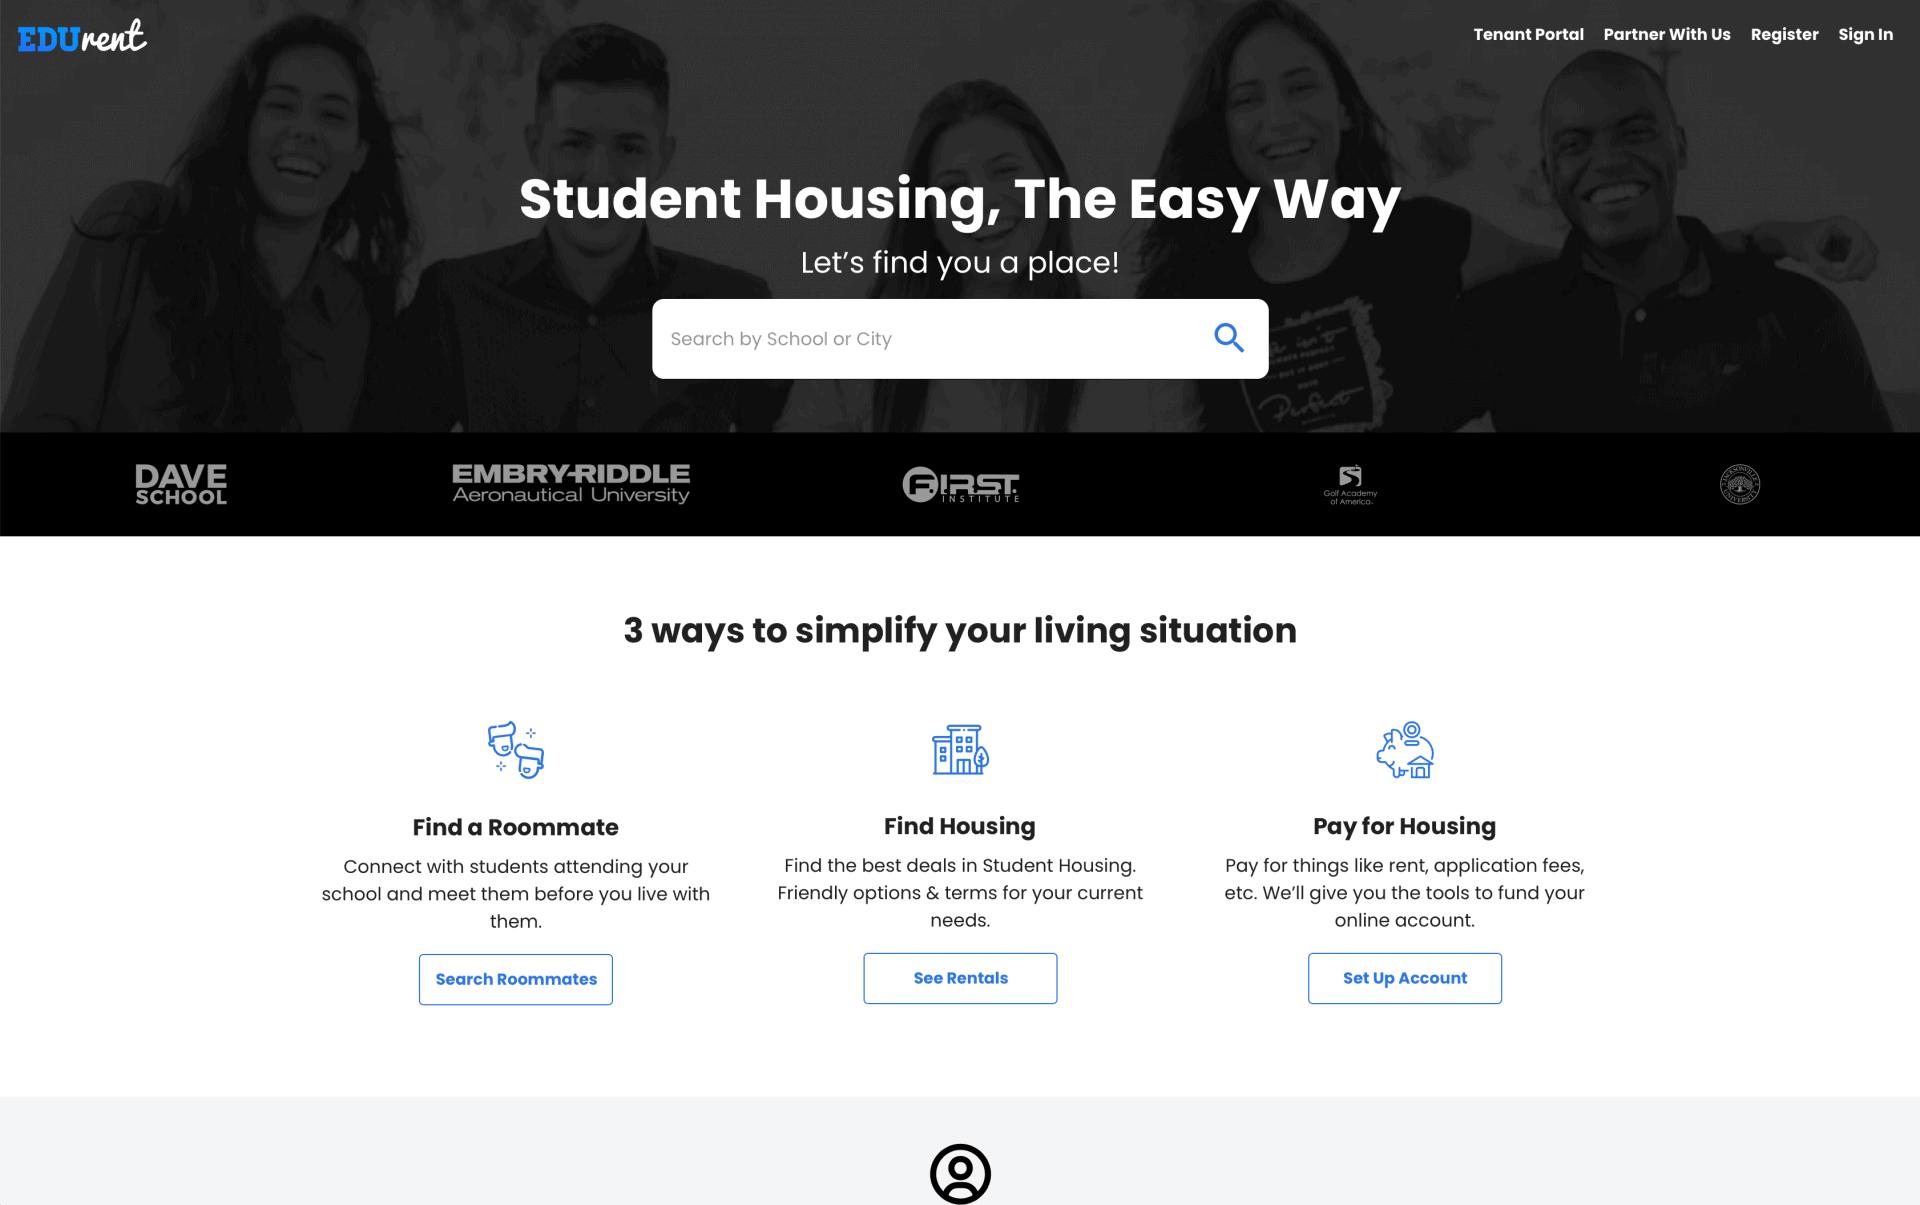 edurent.com